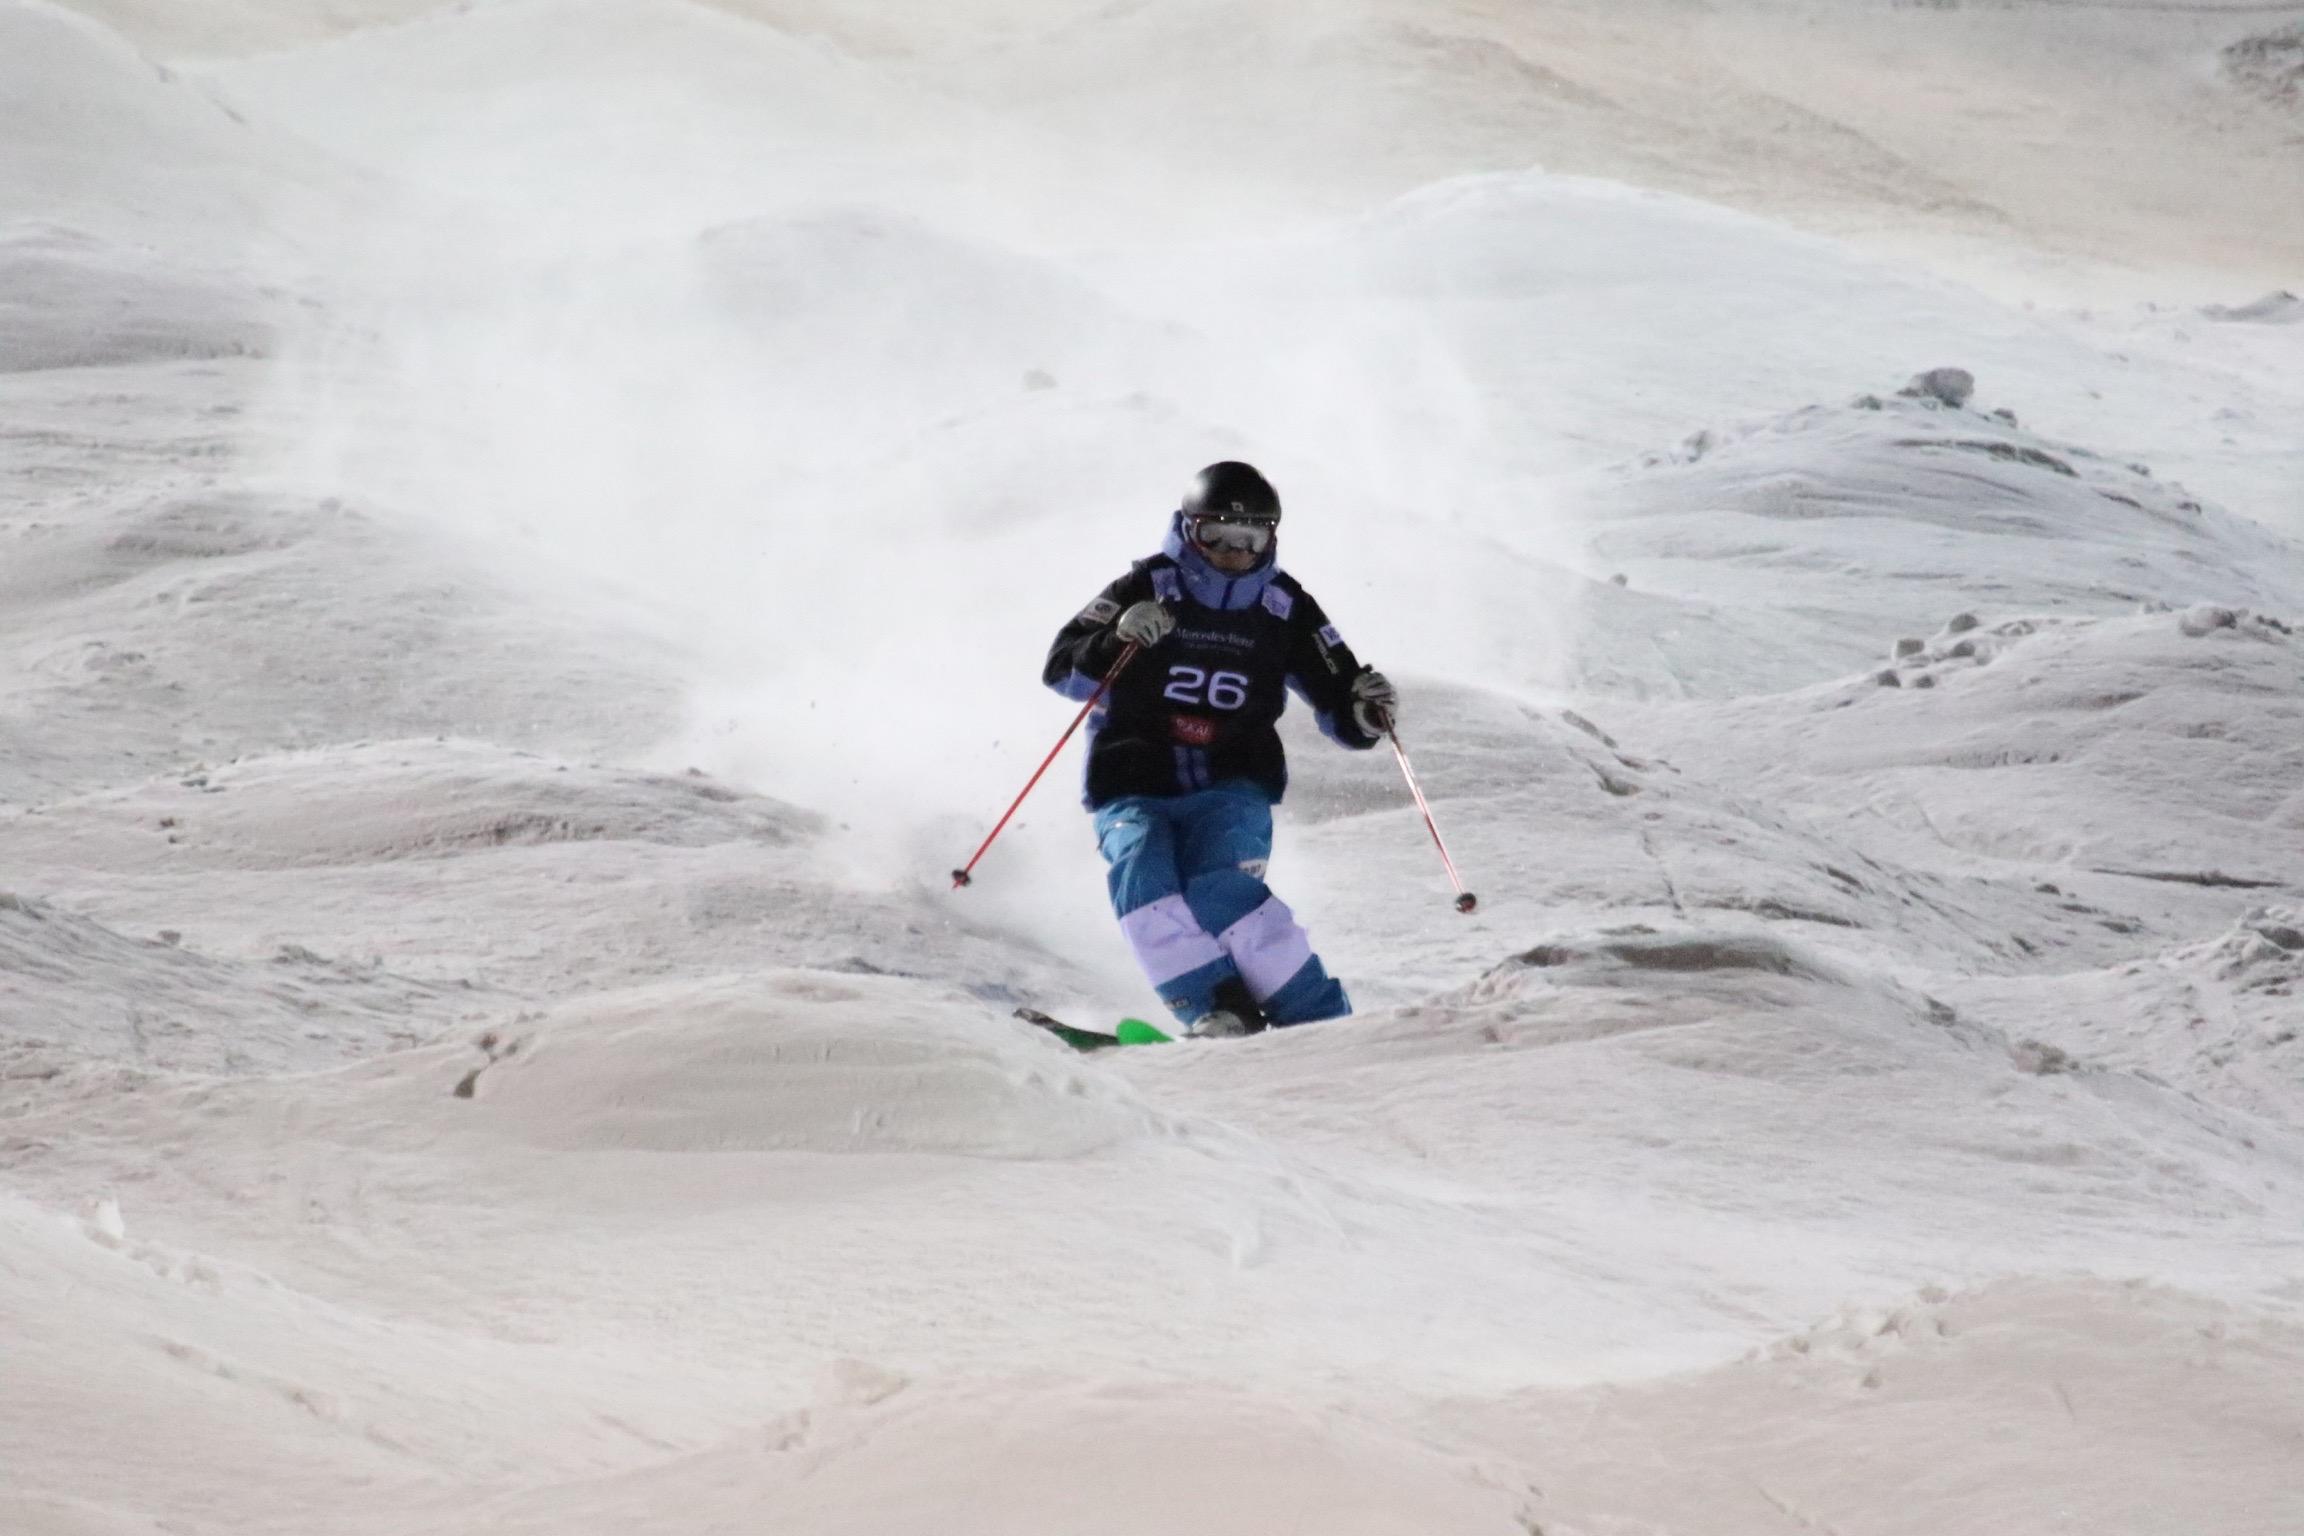 杉本選手の滑り